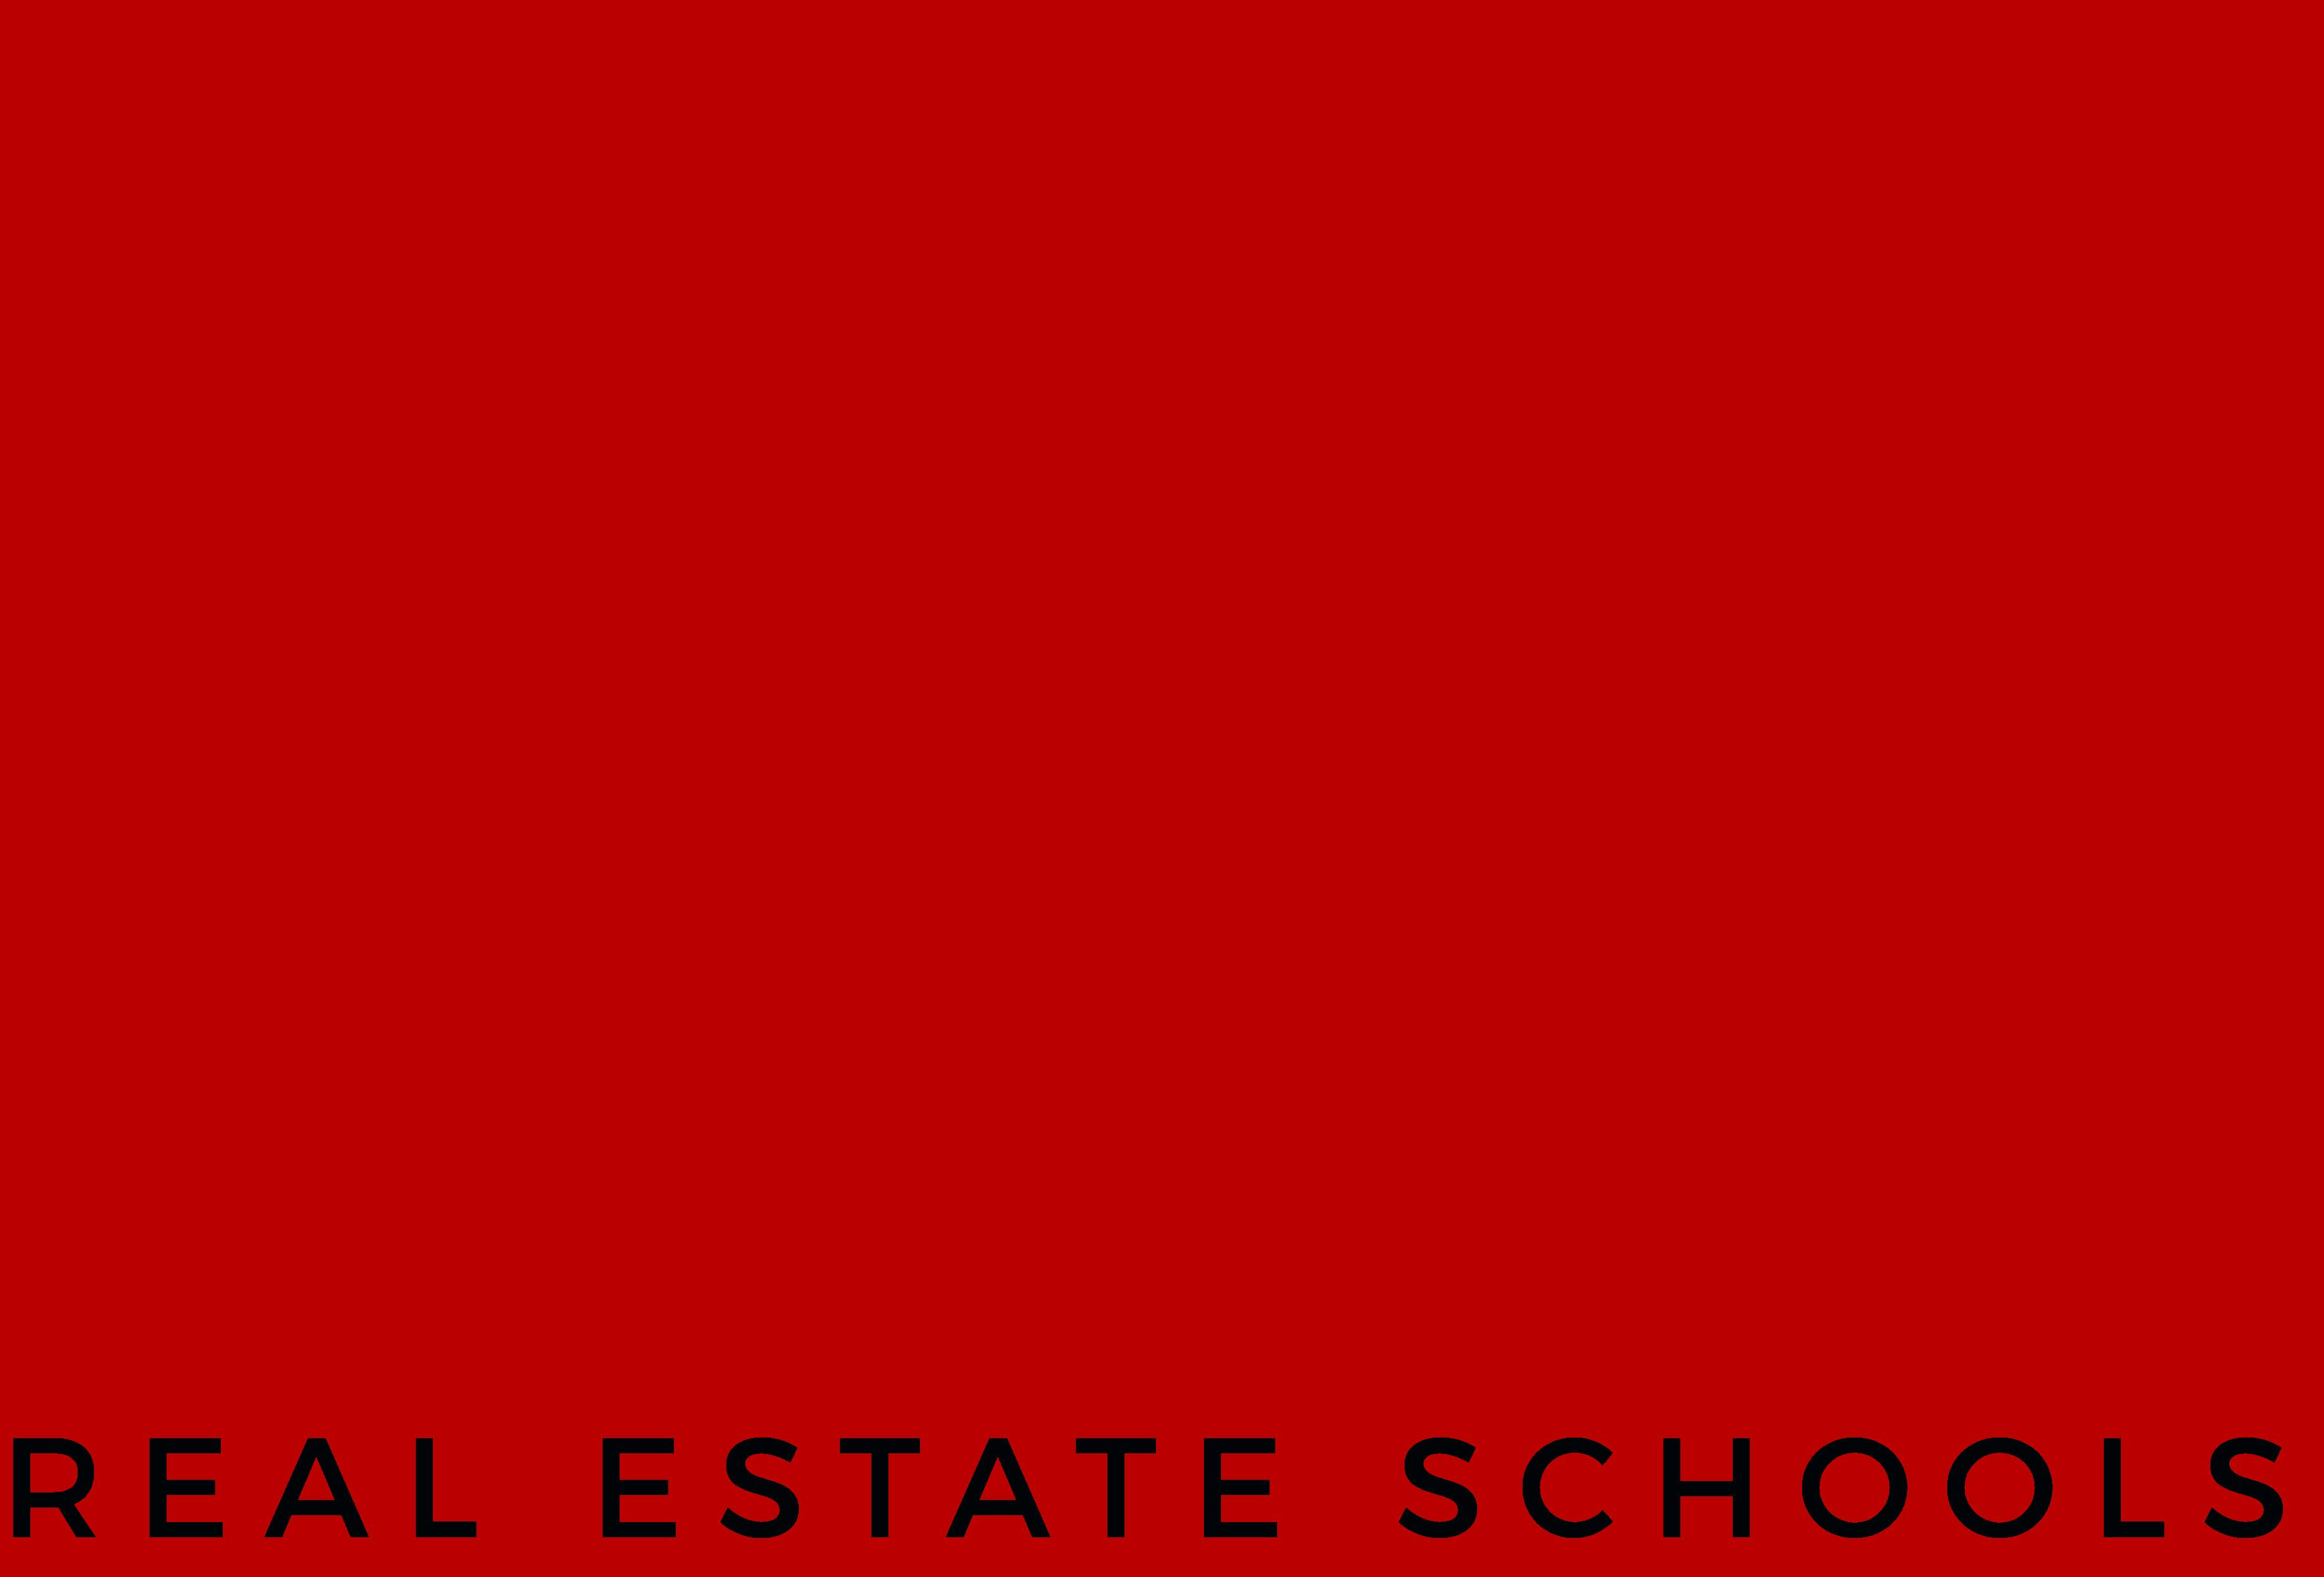 Agent Real Estate Schools